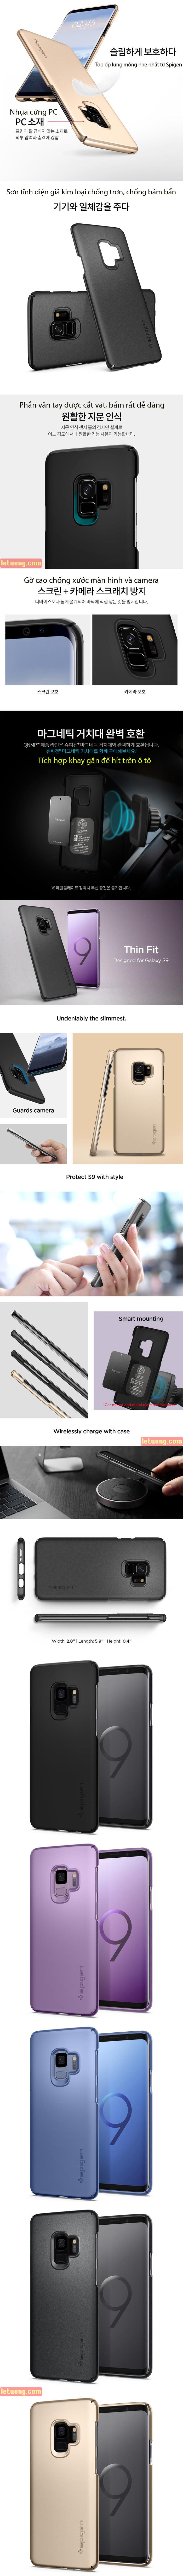 Ốp lưng Samsung Galaxy S9 Spigen Thin Fit siêu mỏng nhẹ từ USA 4